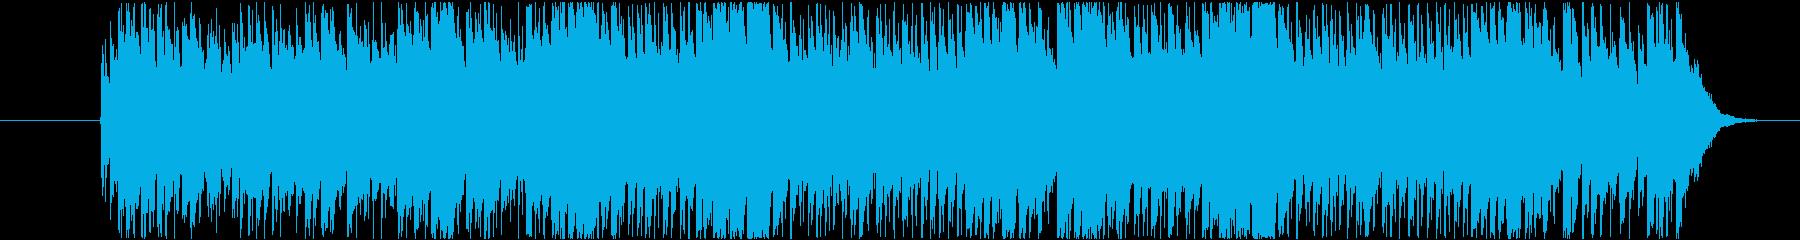 (ジリリリ)目覚まし時計のベルAの再生済みの波形